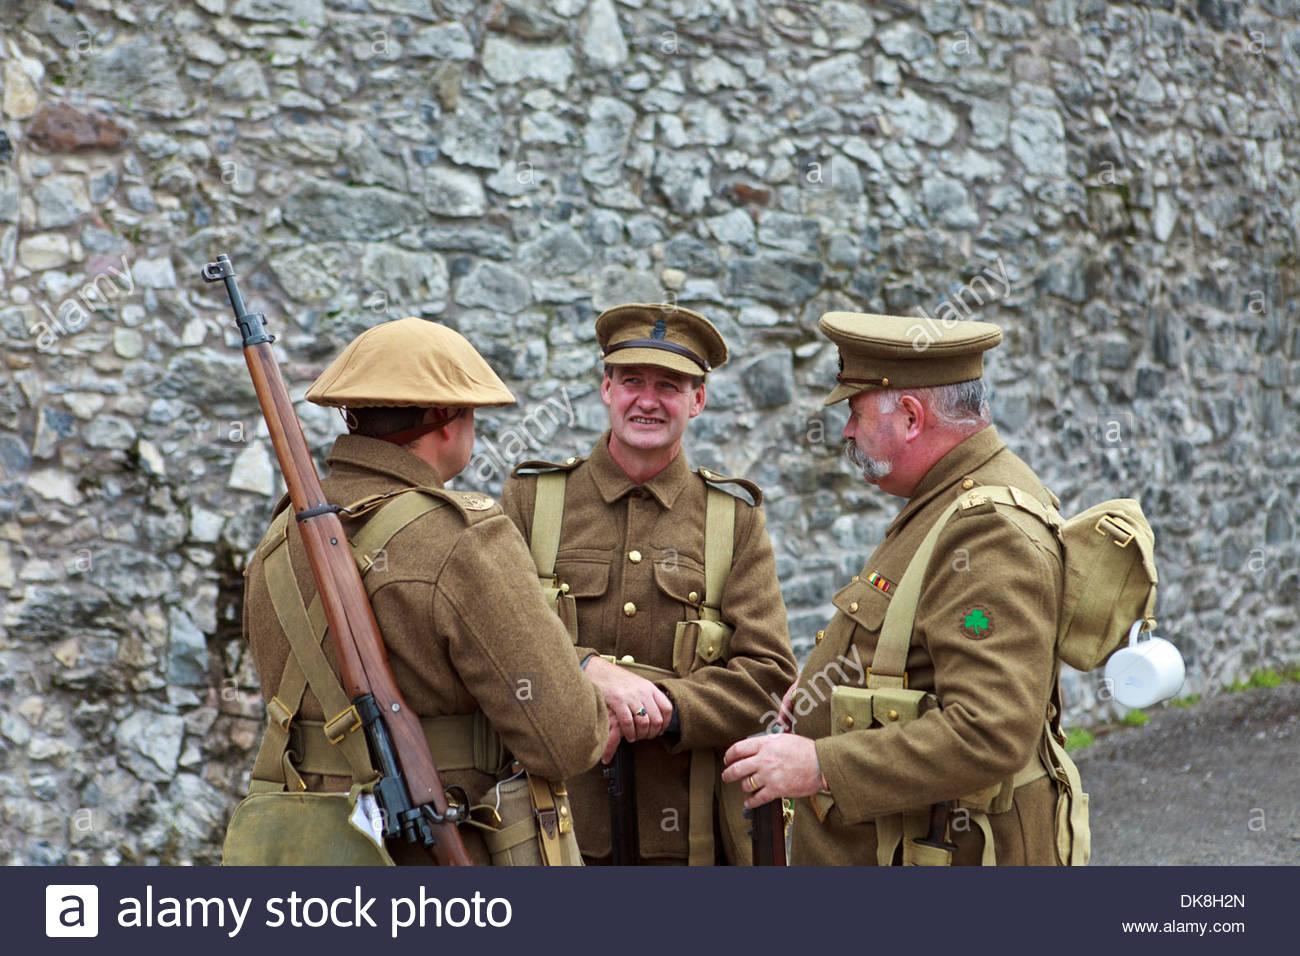 Reenactment of Irish Civil War, men dressed in period uniforms from the Irish Civil war period - Stock Image